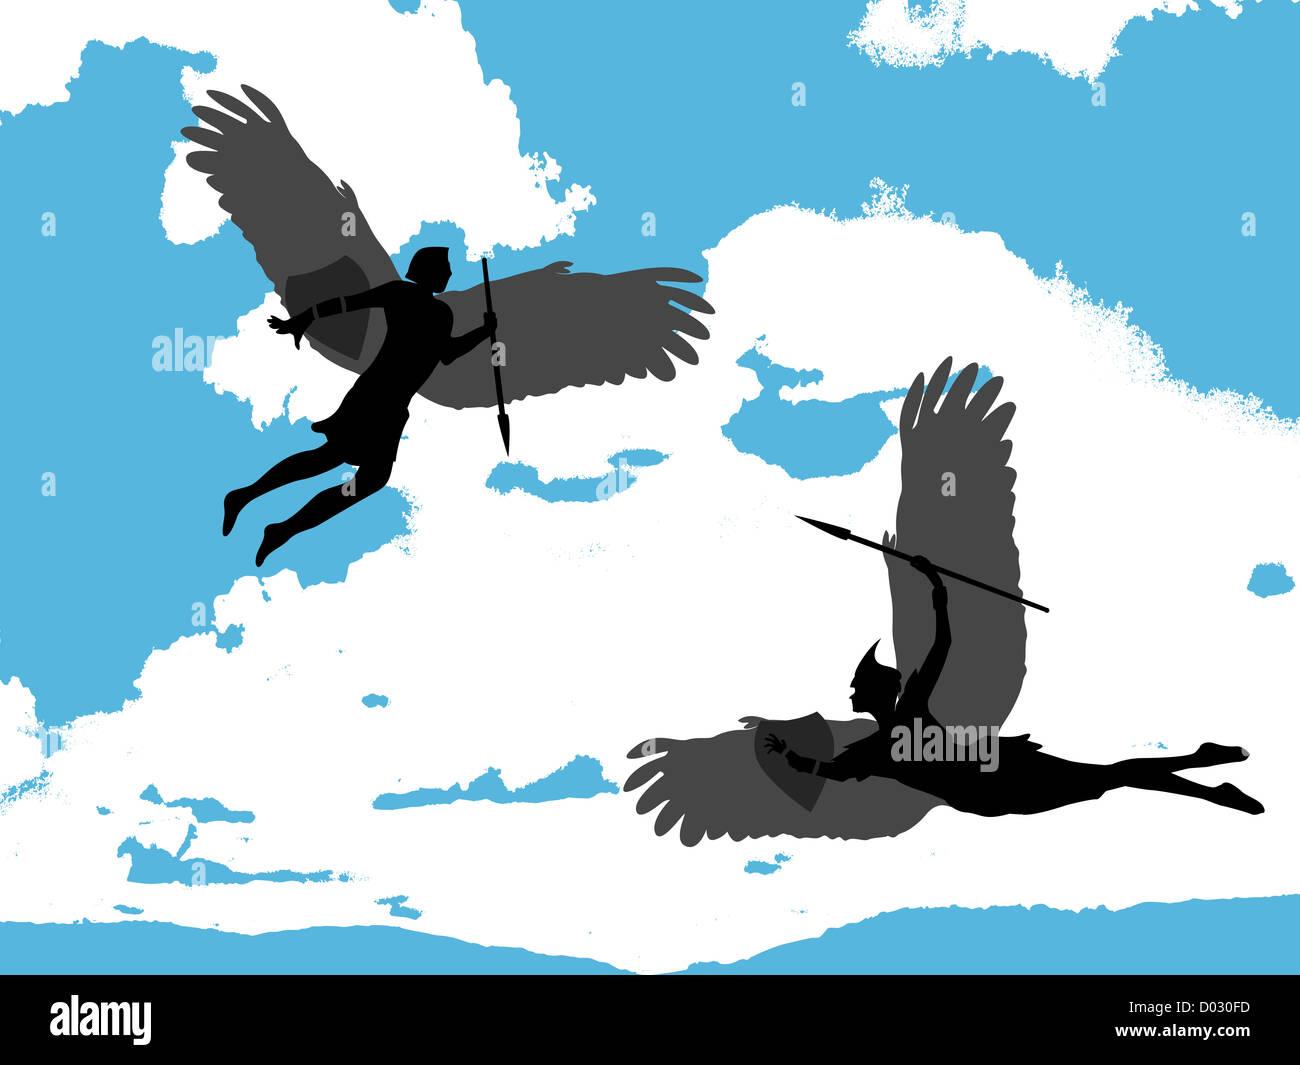 Ilustración De Dos ángeles Volando Sobre Un Fondo De Cielo Azul Foto